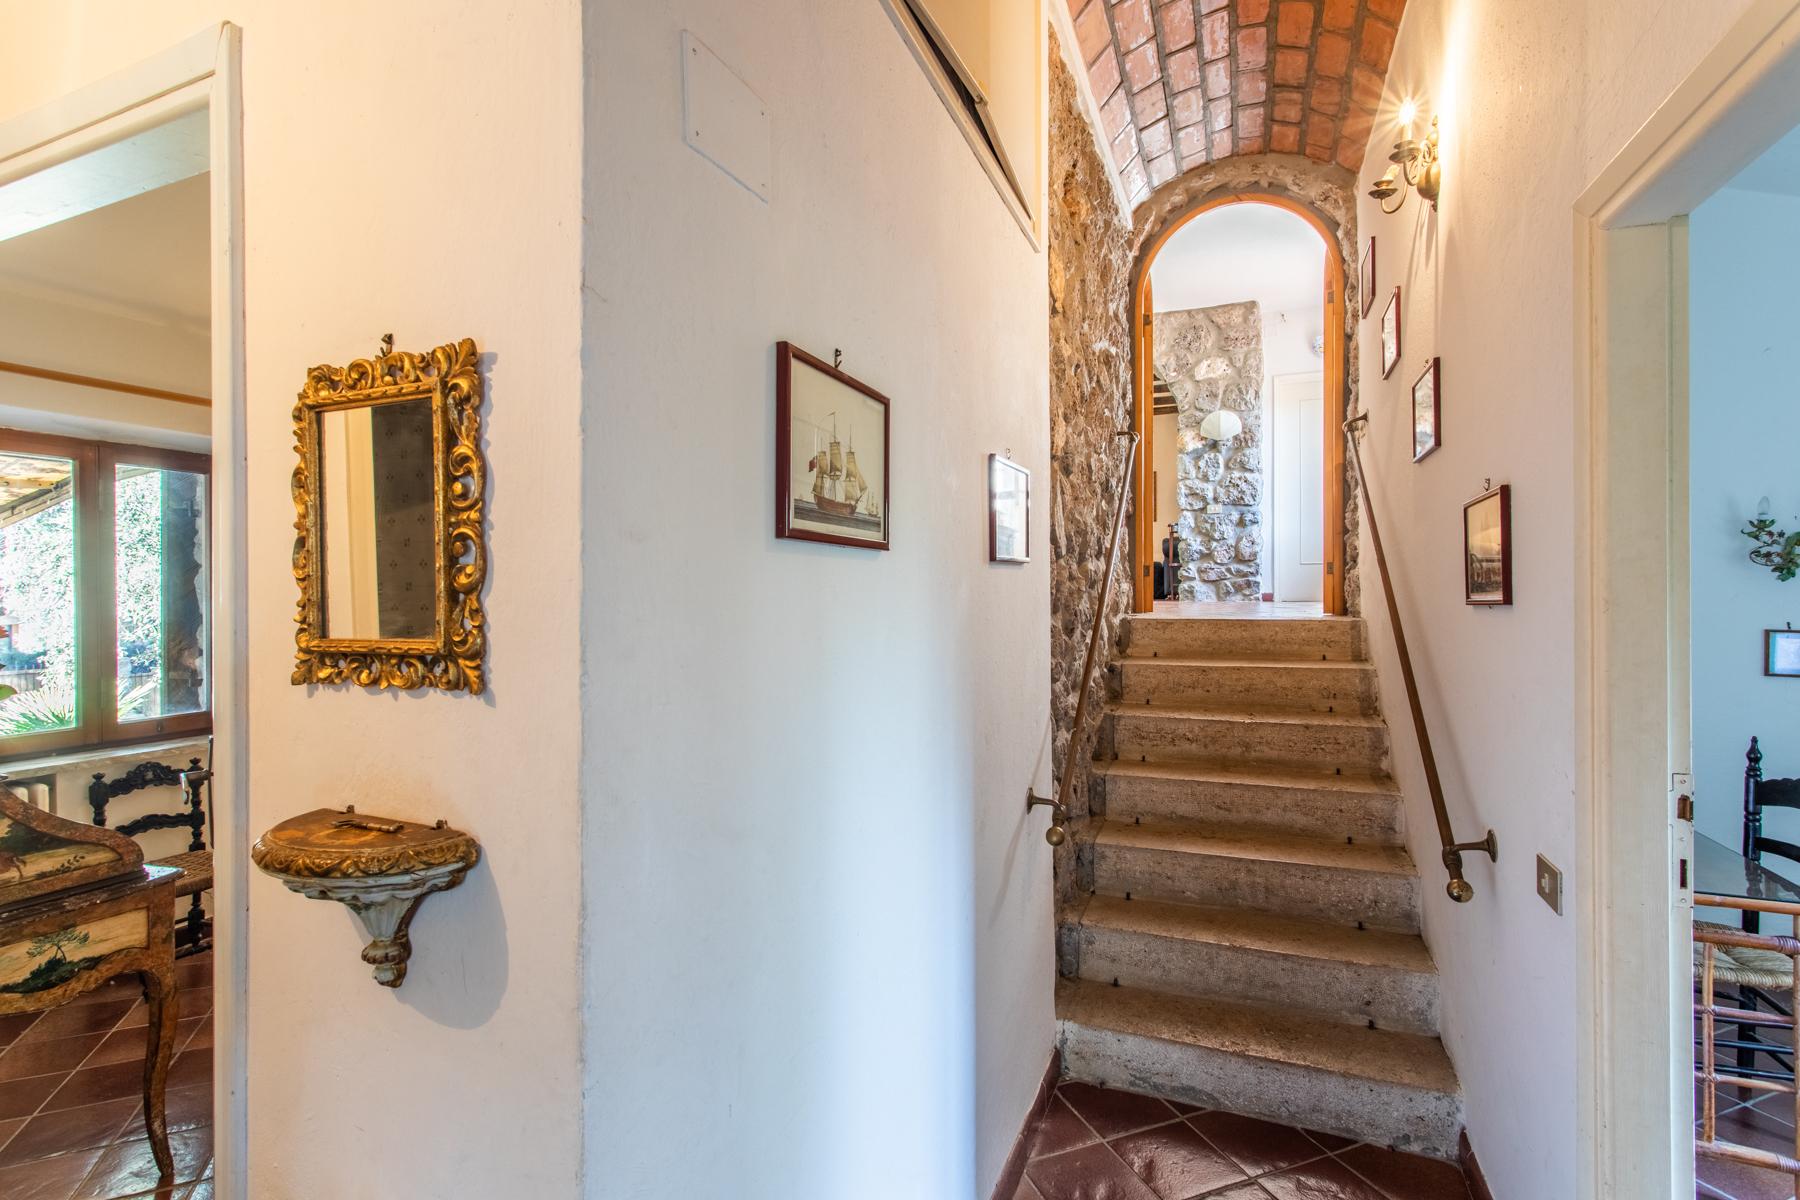 Villa in Vendita a Orbetello: 5 locali, 240 mq - Foto 15